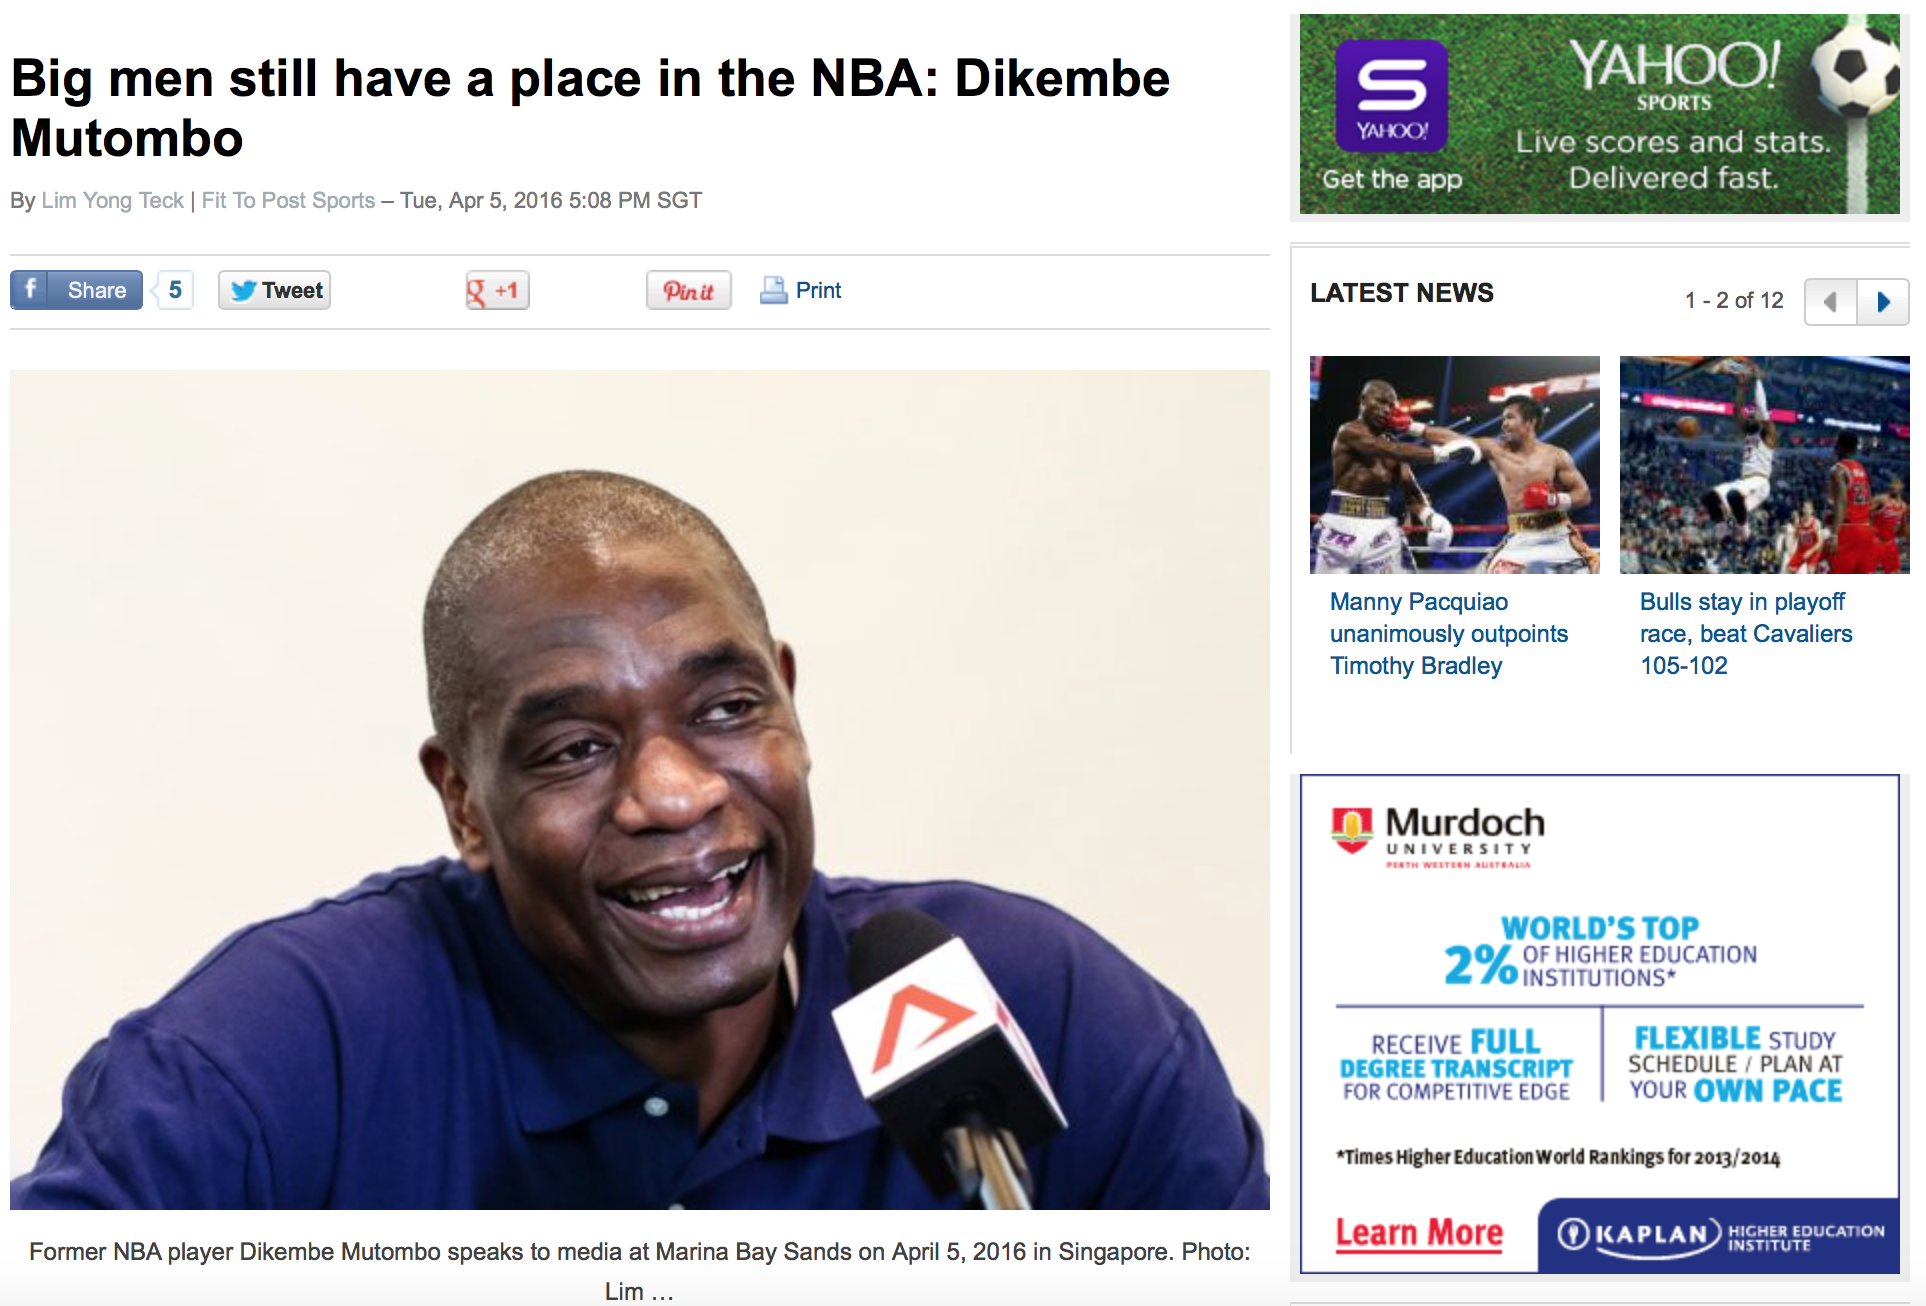 Dikembe Mutombo for Yahoo!(www.yahoo.com)